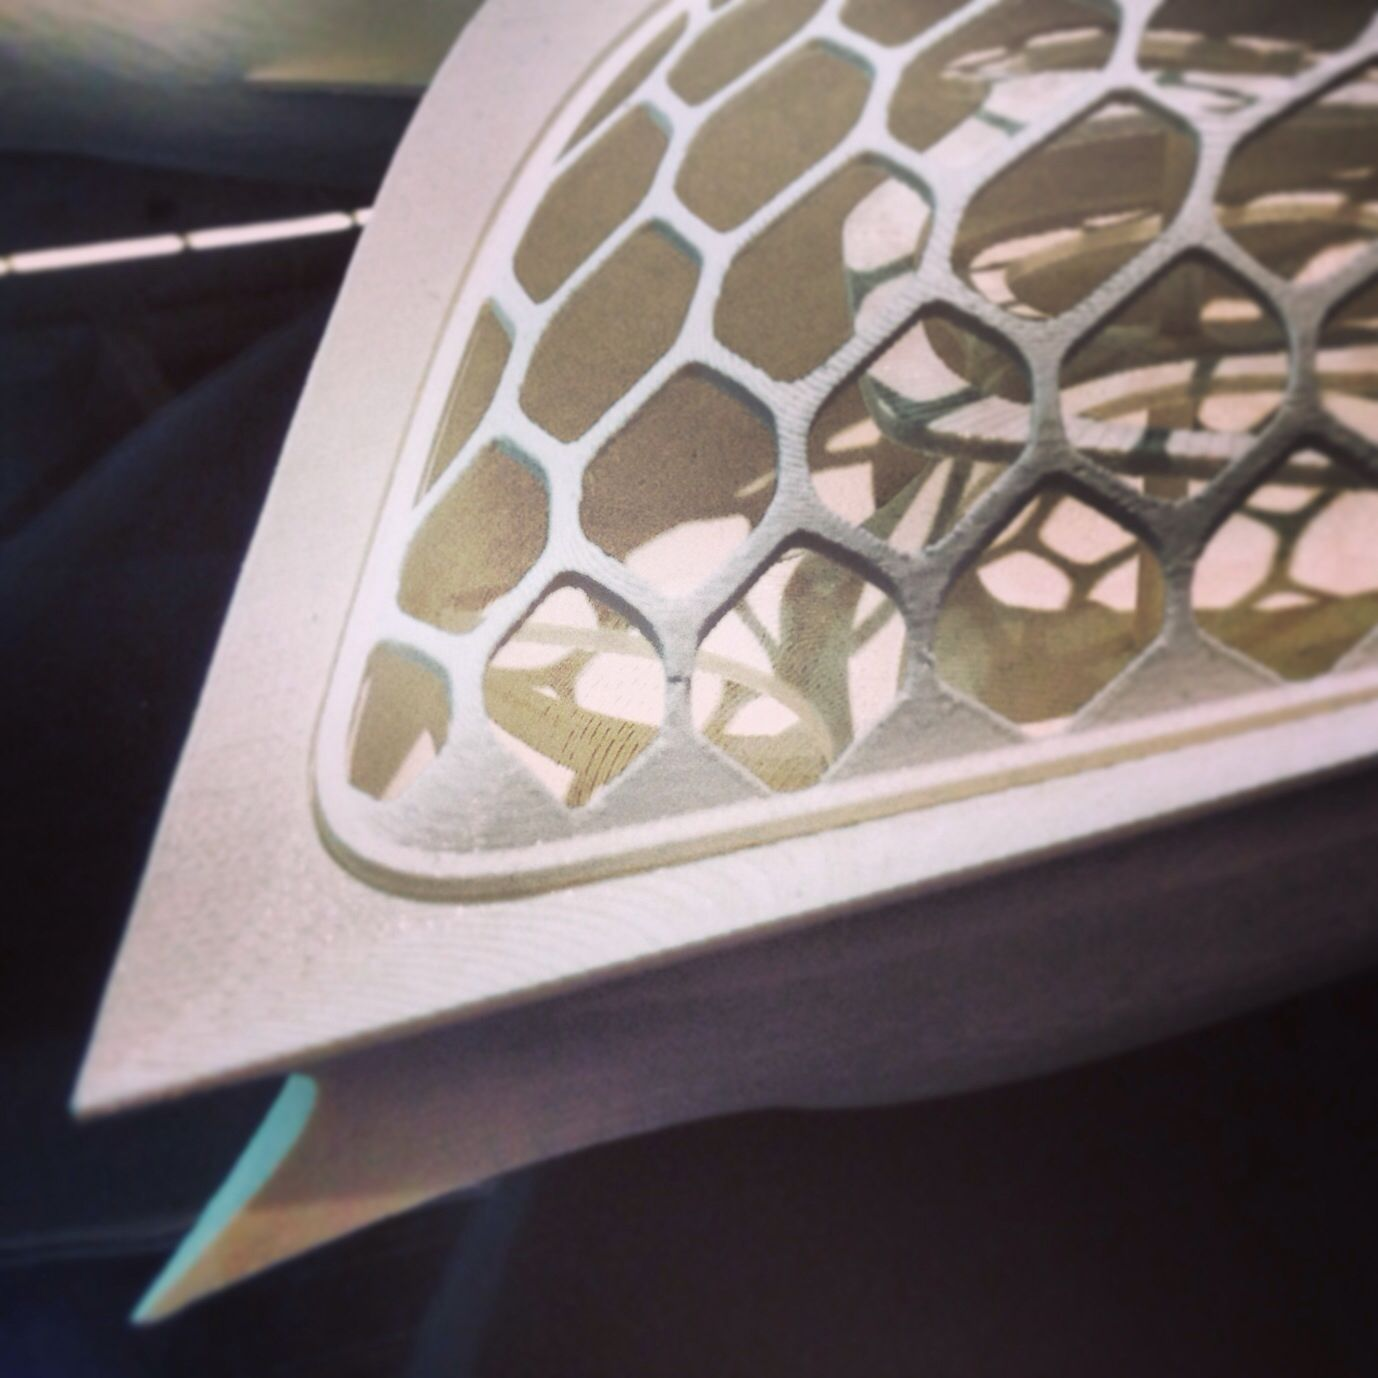 3d printed structure 3ddruck 3dprint 3d druck, Drucken